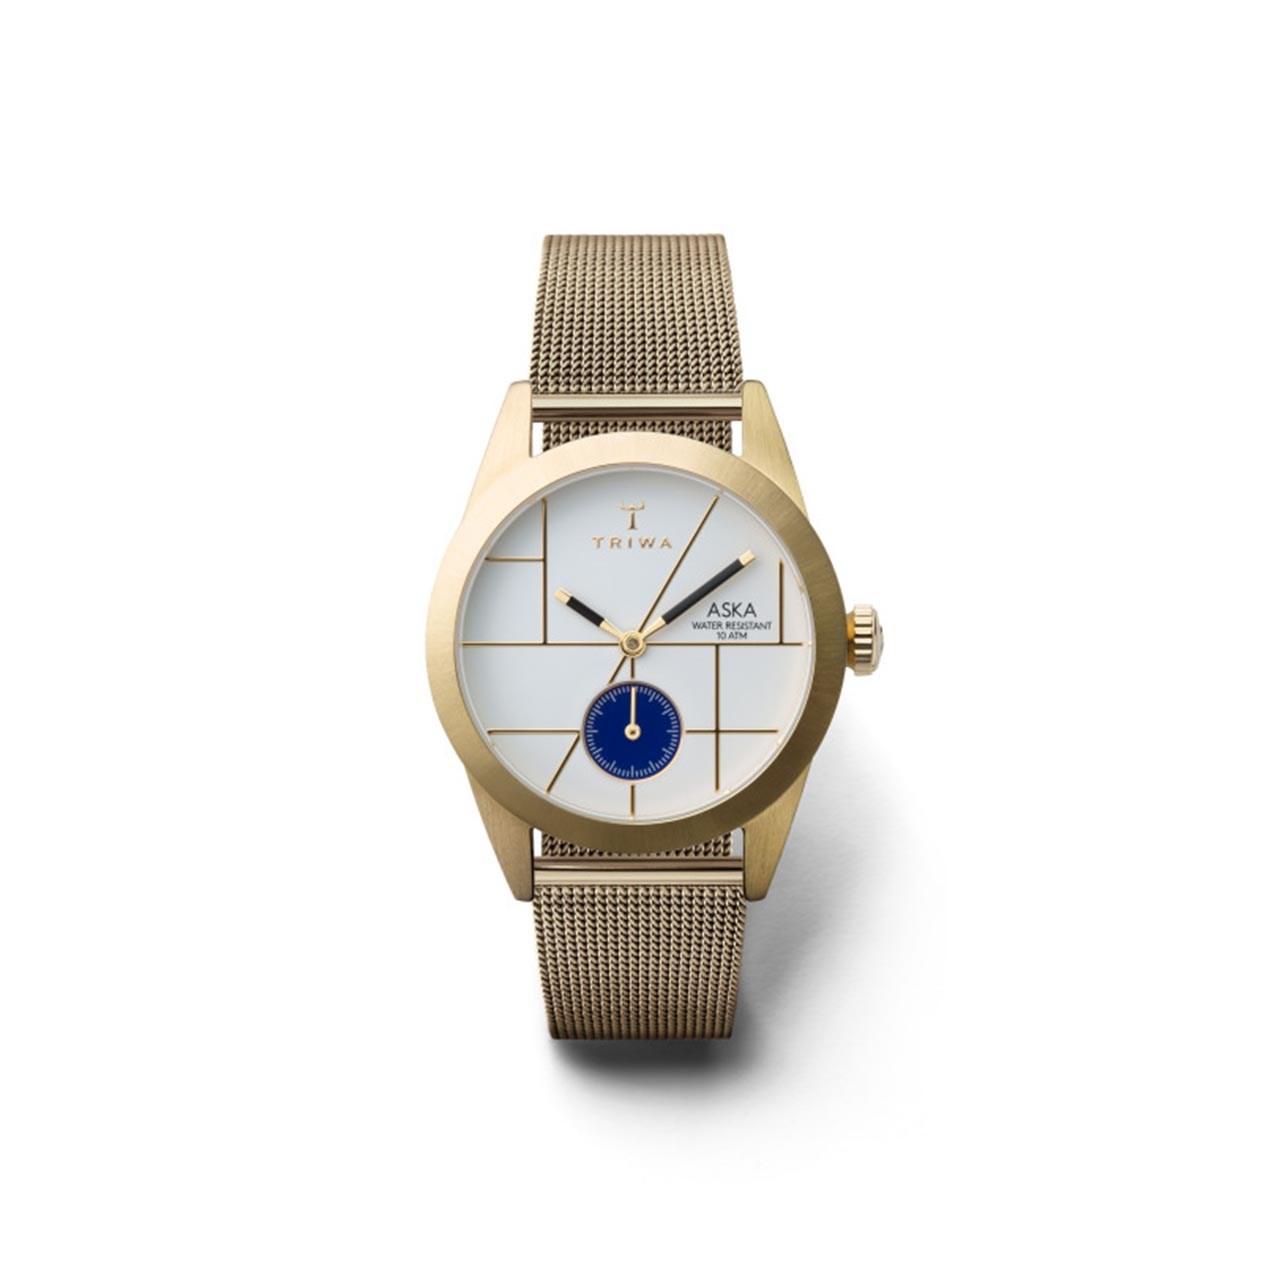 ساعت عقربه ای تیریوا مدل دیکس اسکا